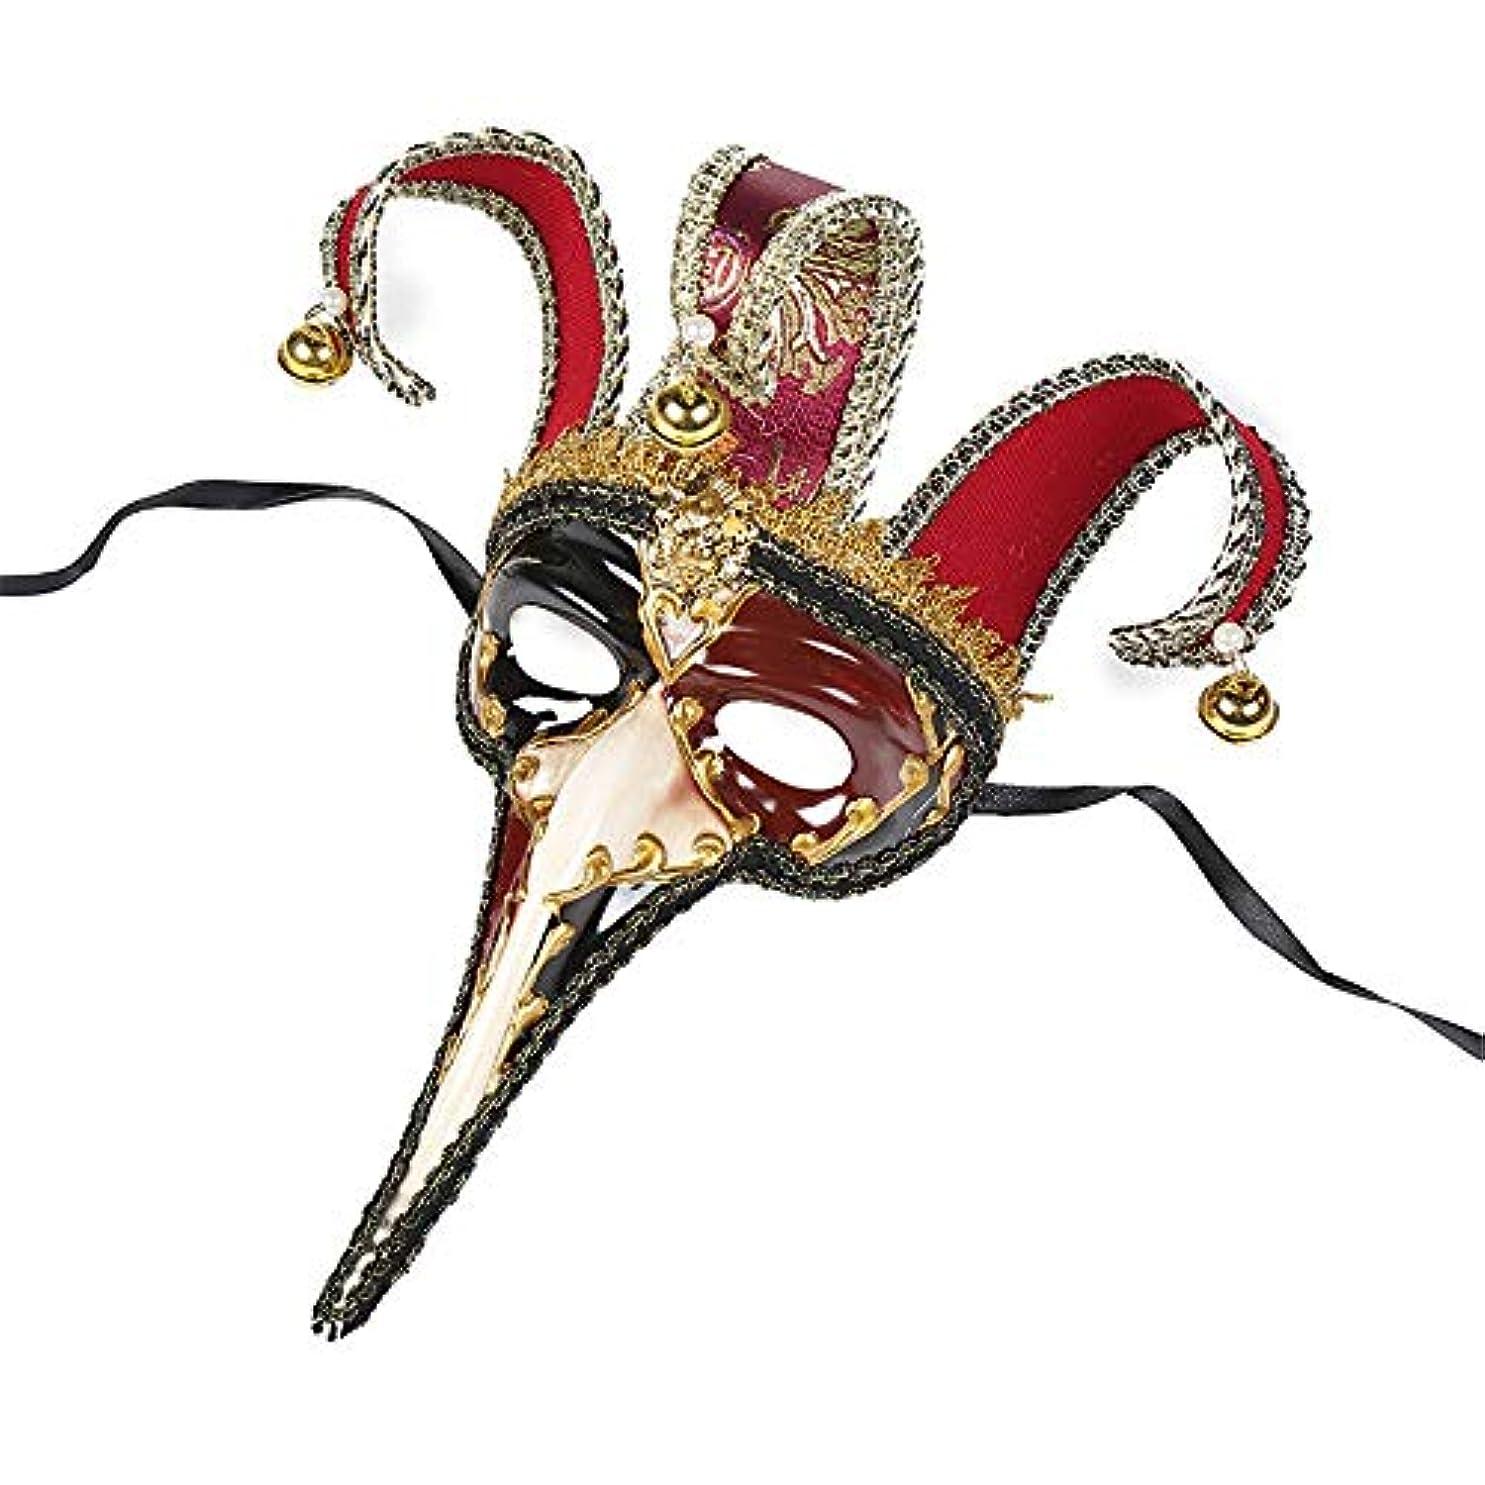 サミットすることになっているテストダンスマスク ハーフフェイス鼻フラミンゴハロウィーン仮装雰囲気クリスマスフェスティバルロールプレイングプラスチックマスク ホリデーパーティー用品 (色 : 赤, サイズ : 42x15cm)